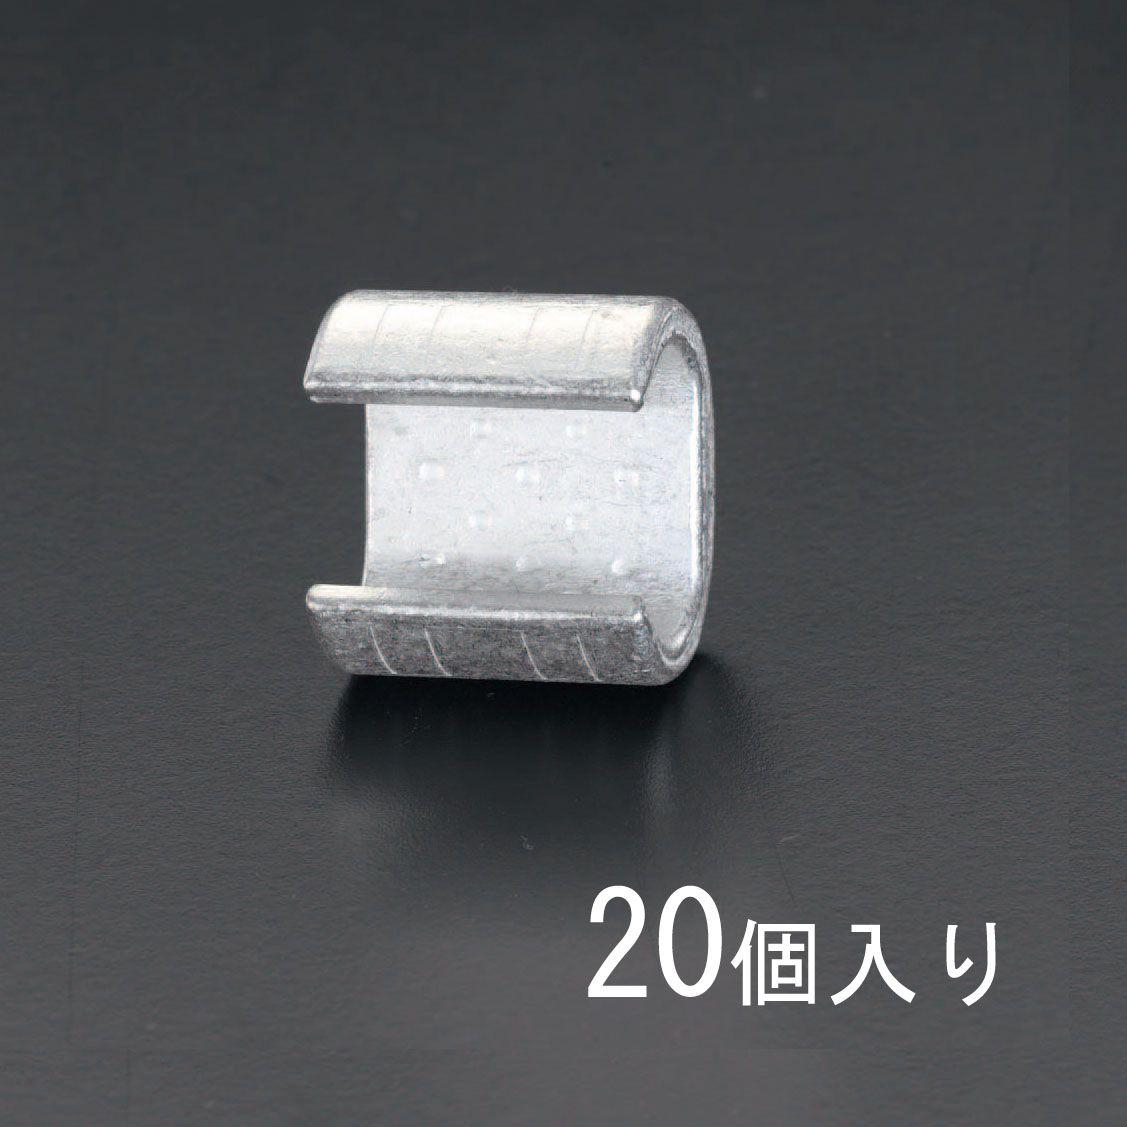 【メーカー在庫あり】 エスコ ESCO 191 - 240mm2 T形コネクター(20個) 000012027186 HD